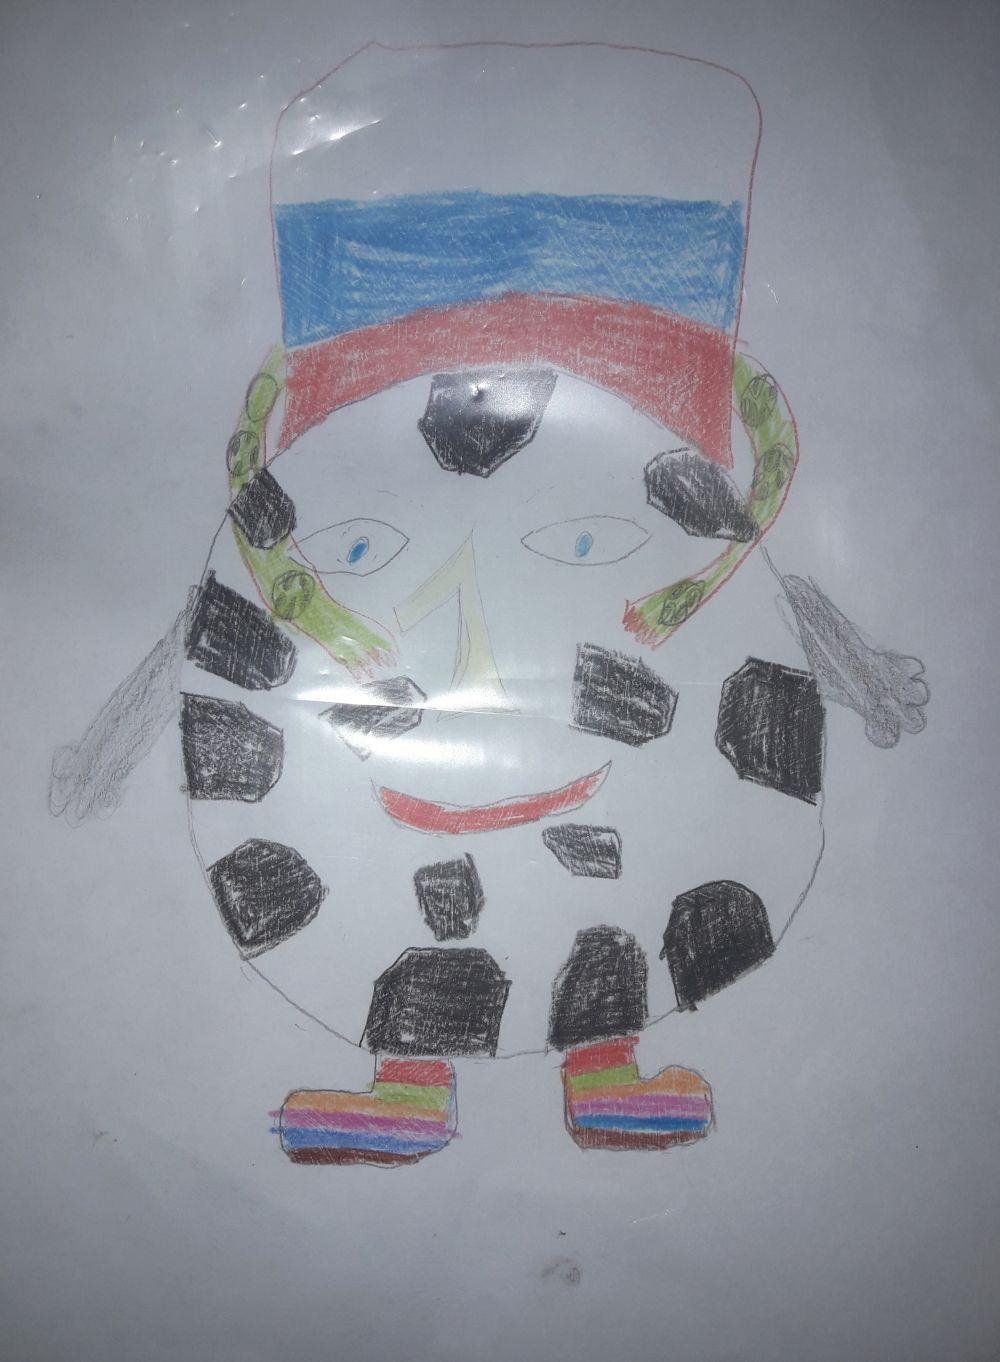 Семёнов Прохор, 8 лет, Пятигорск